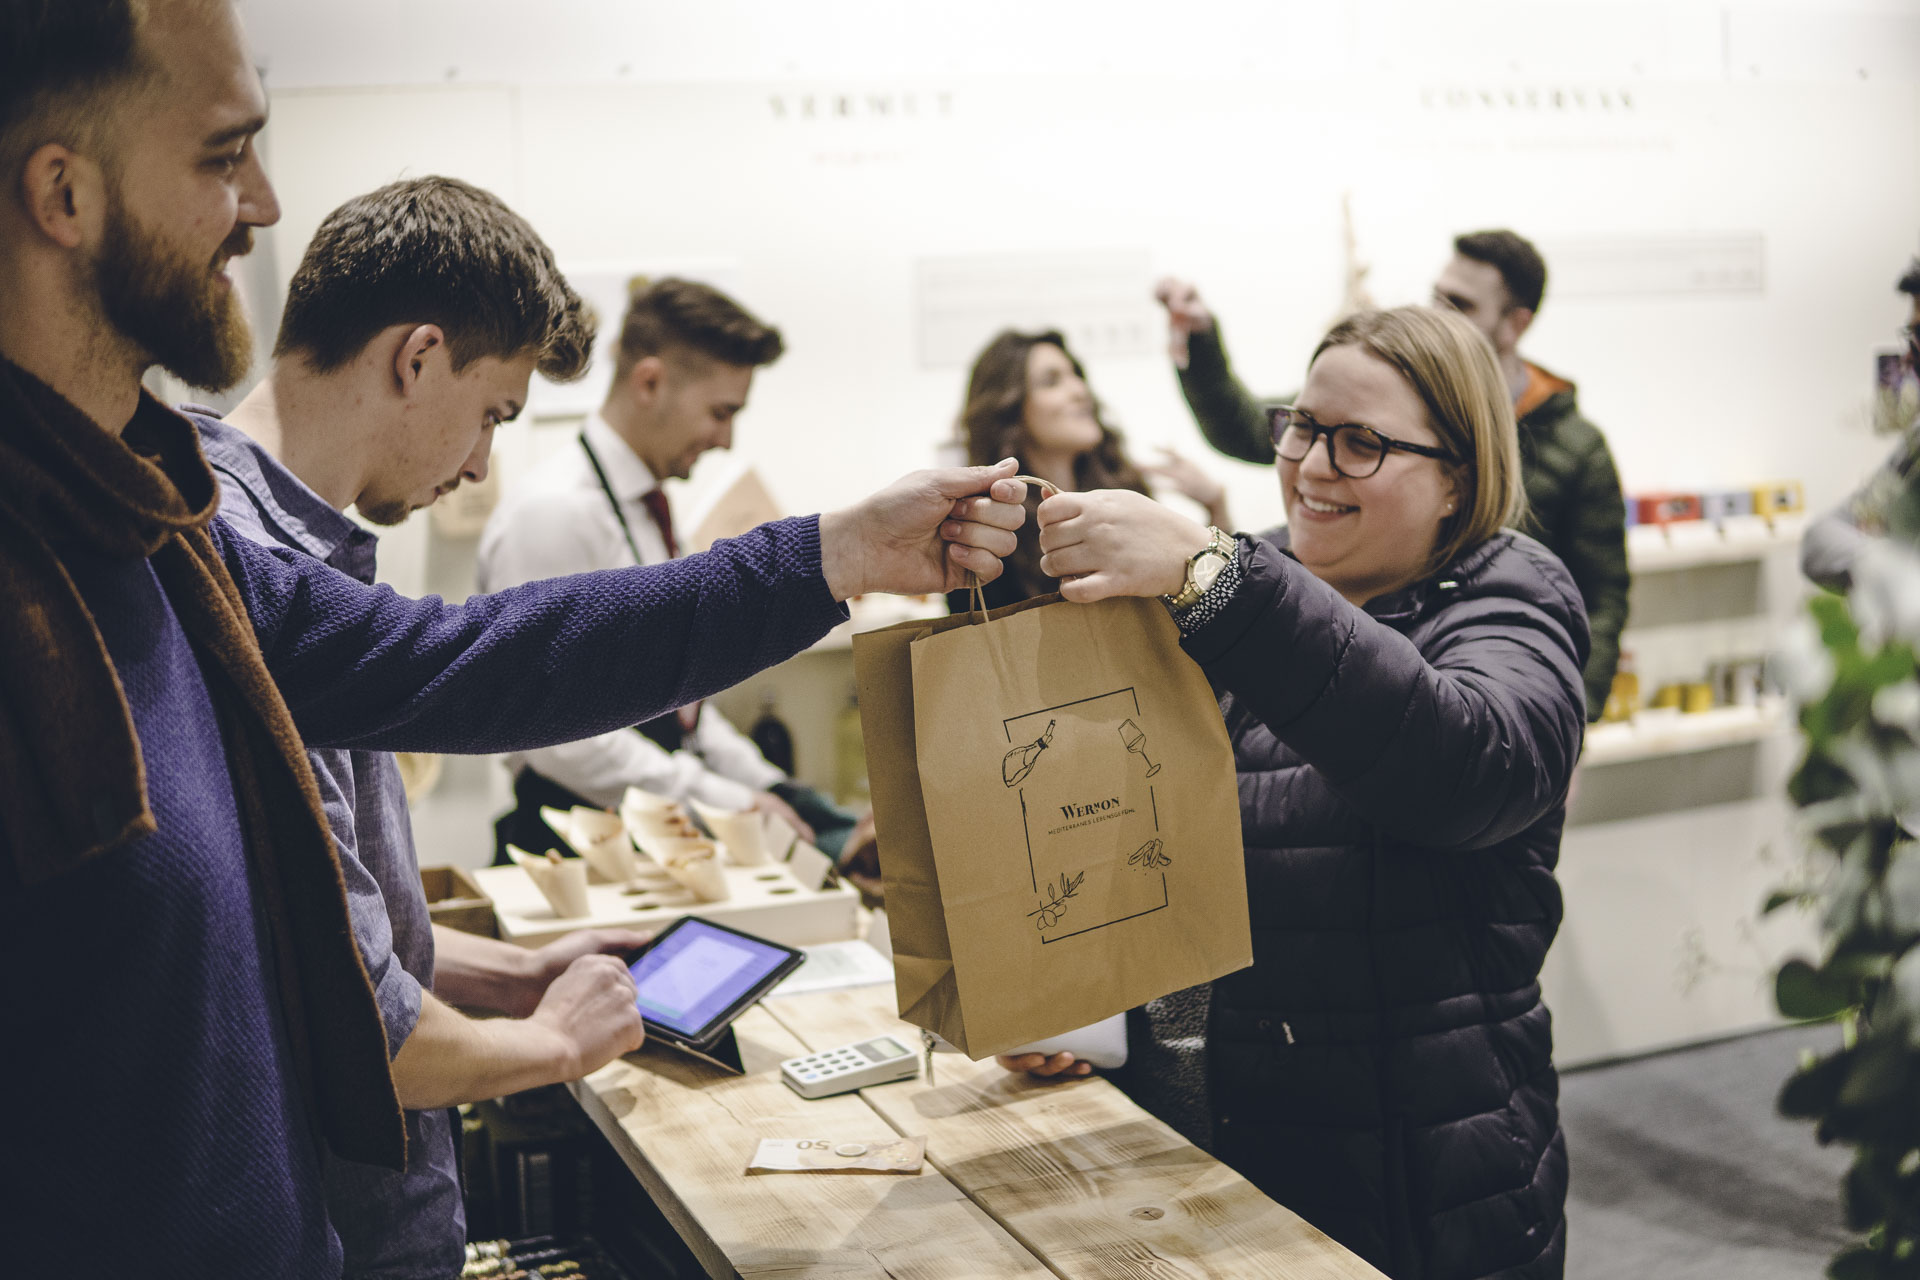 Glücklicher Kunde nimmt Tüte entgegen auf Pop Up Event in München